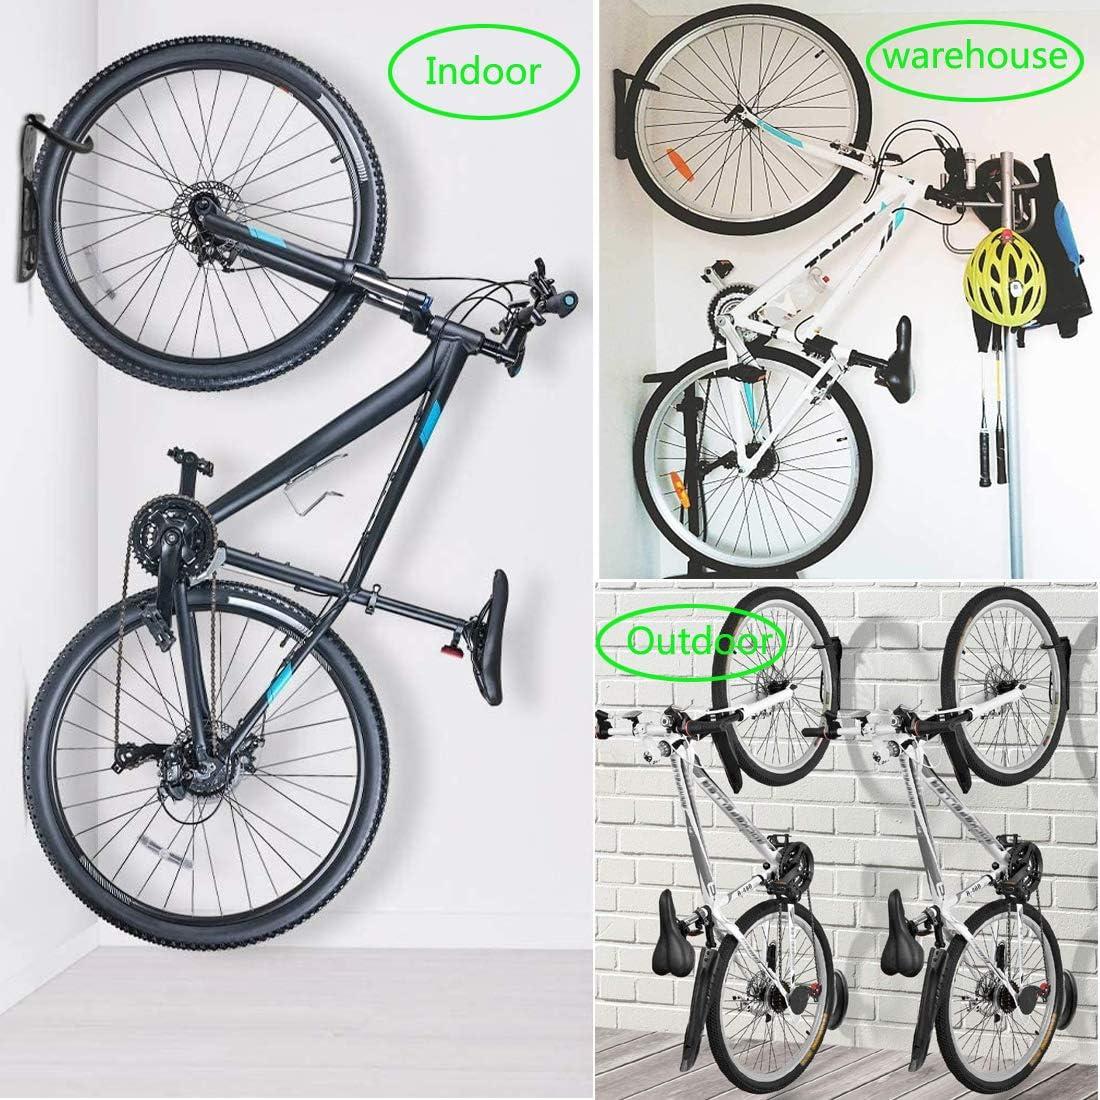 para Colgar o Exponer Bicicletas Soportes de Pared para Bicicleta Set de 2 Gancho para Colgar Bicicleta de Acero Bastidores para Bicicletas Ganchos para Bicicleta con Tornillos y Toalla de Limpieza